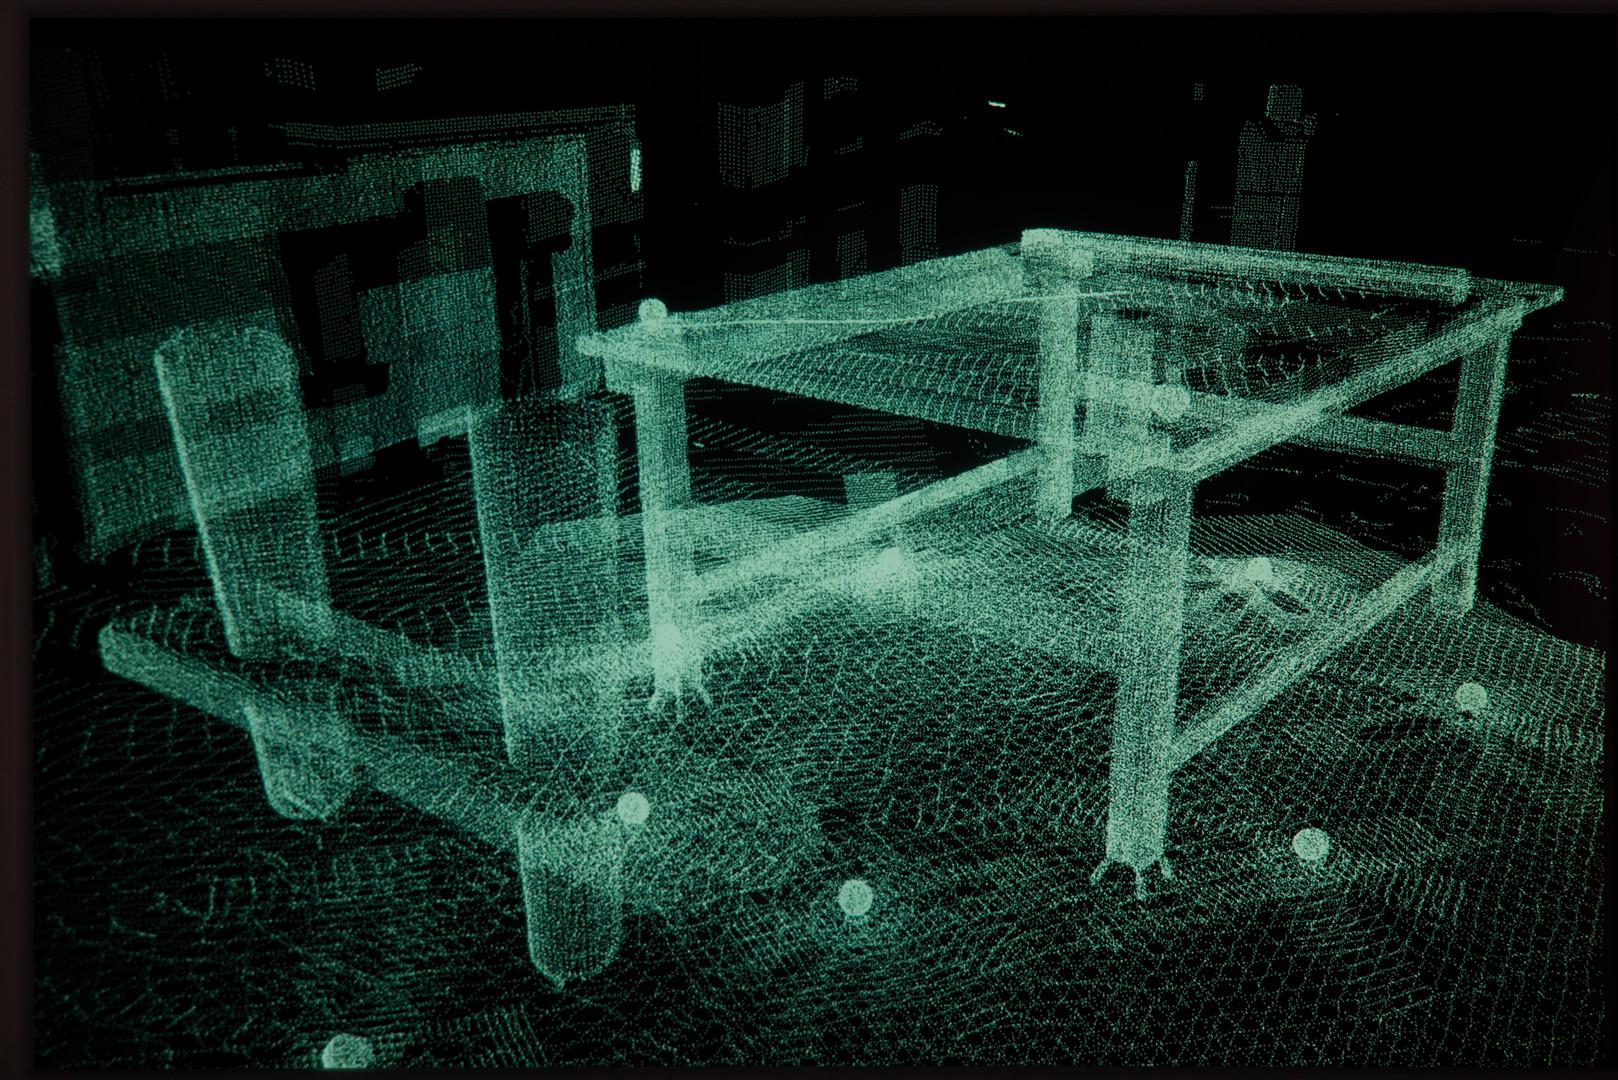 Sculpture for a Virtual Environemtn #1 2000